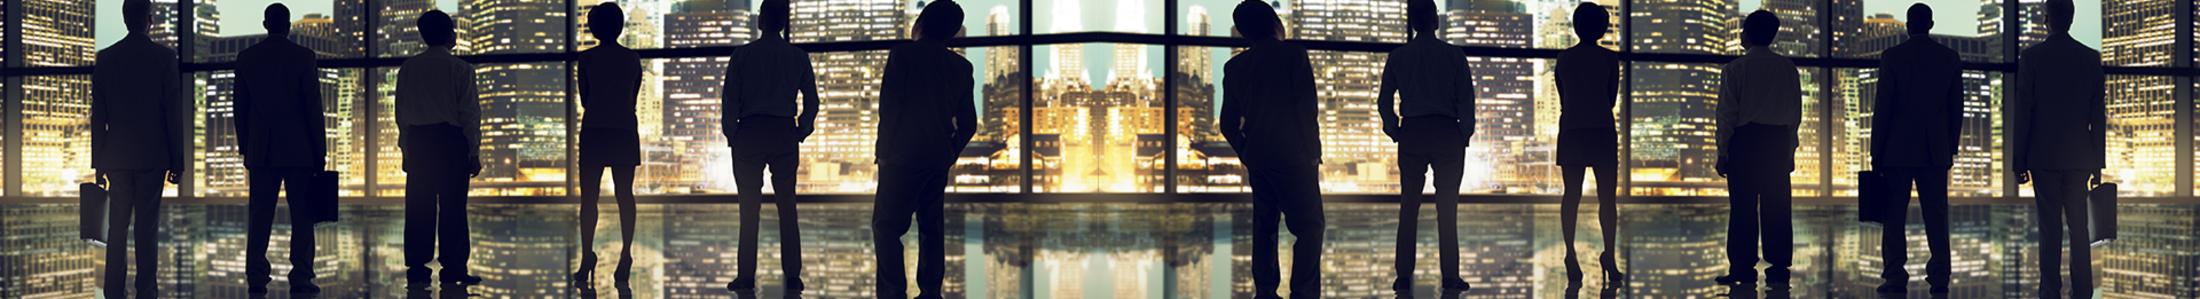 Quelle: shutterstock.com, Bearbeitung: Heuer Dialog